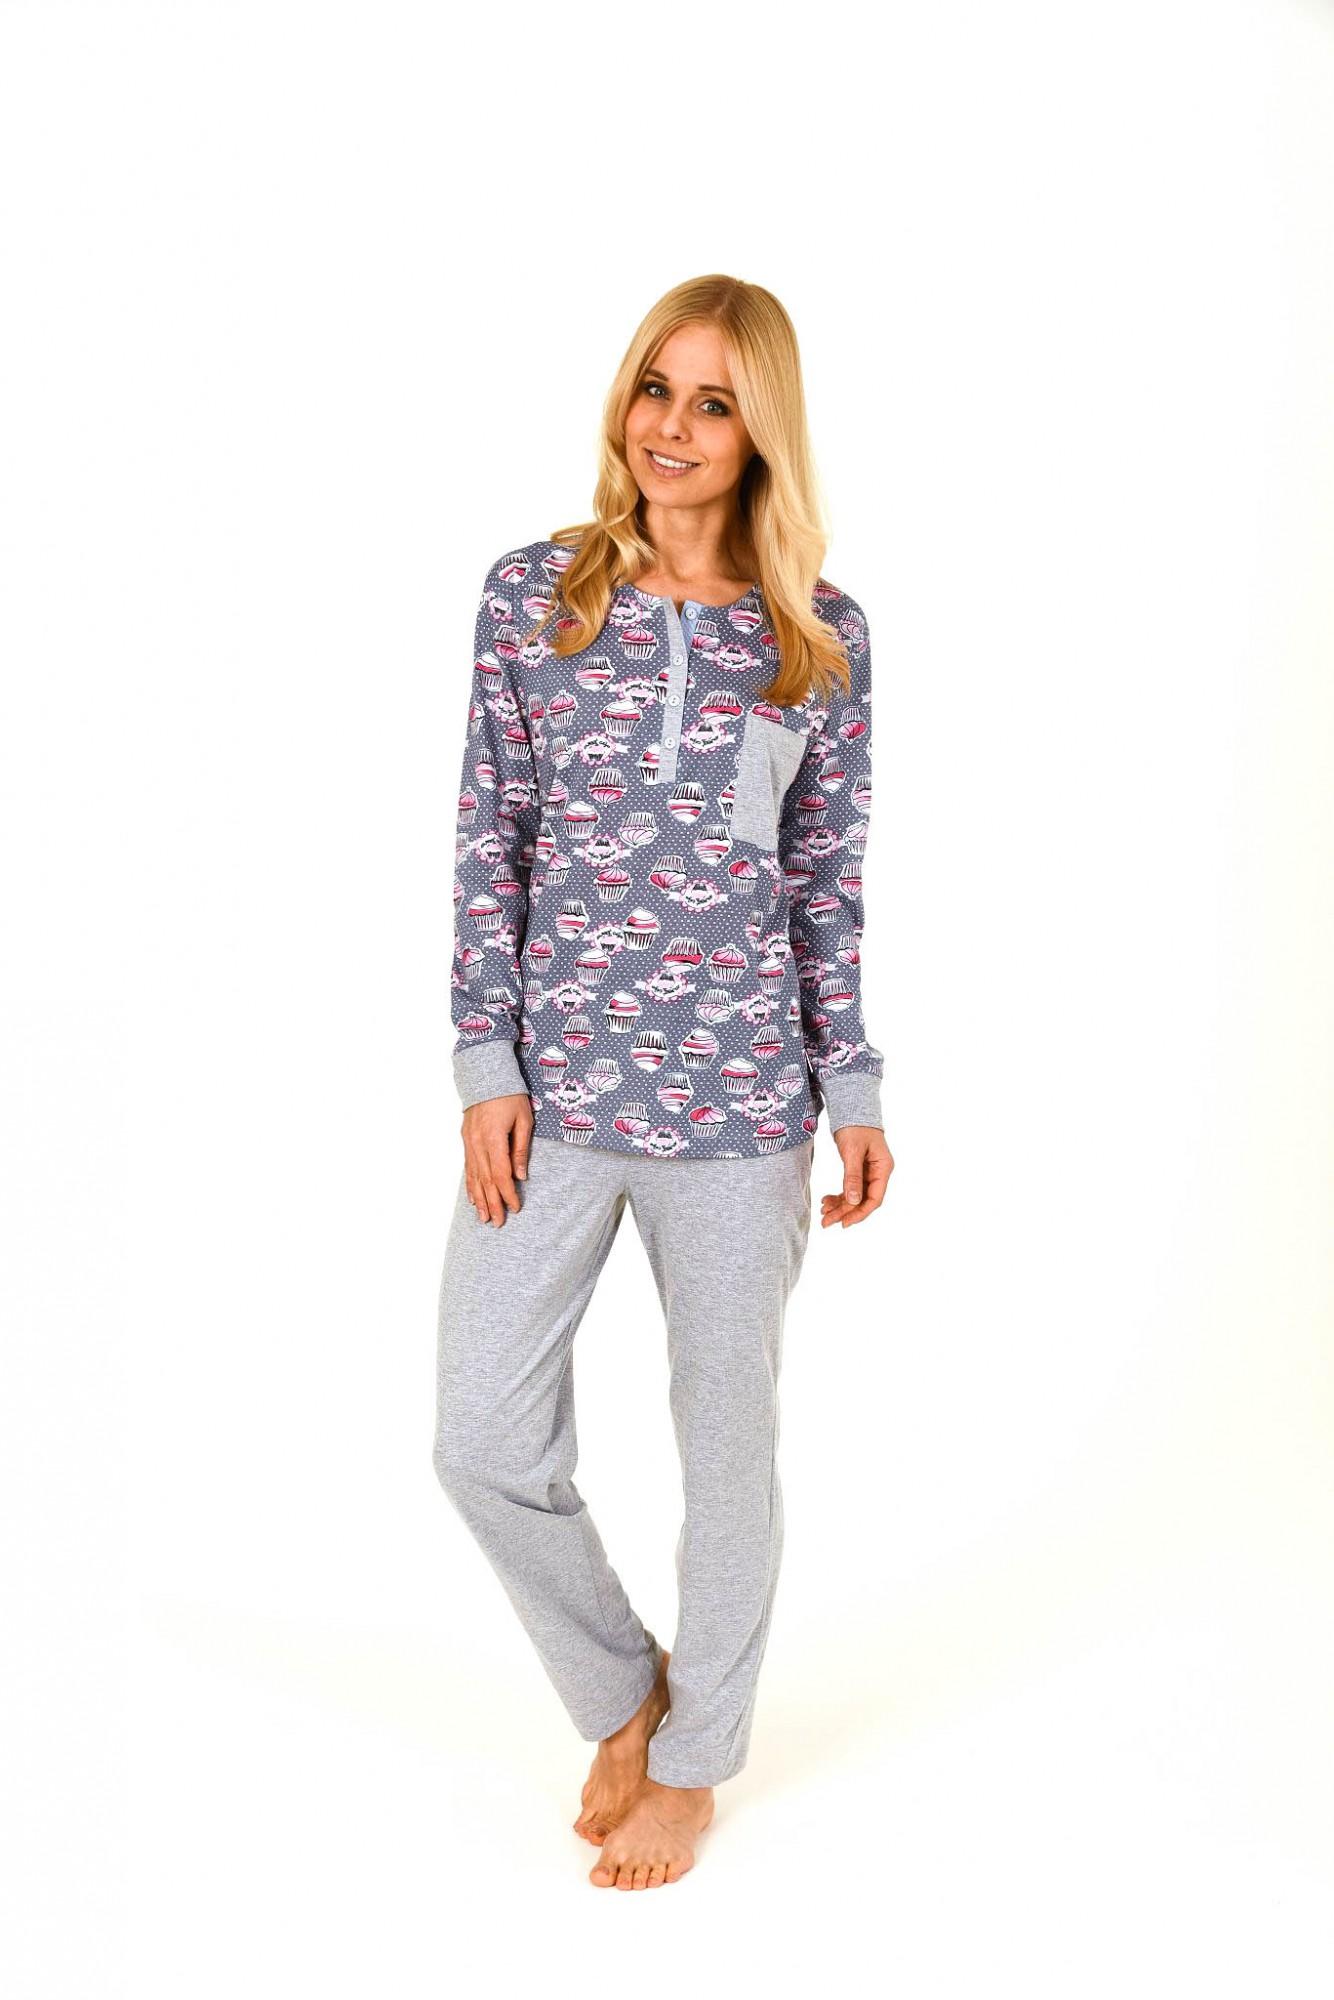 Damen Pyjama lang mit Bündchen und Cupcake-Druck – 261 201 90 193